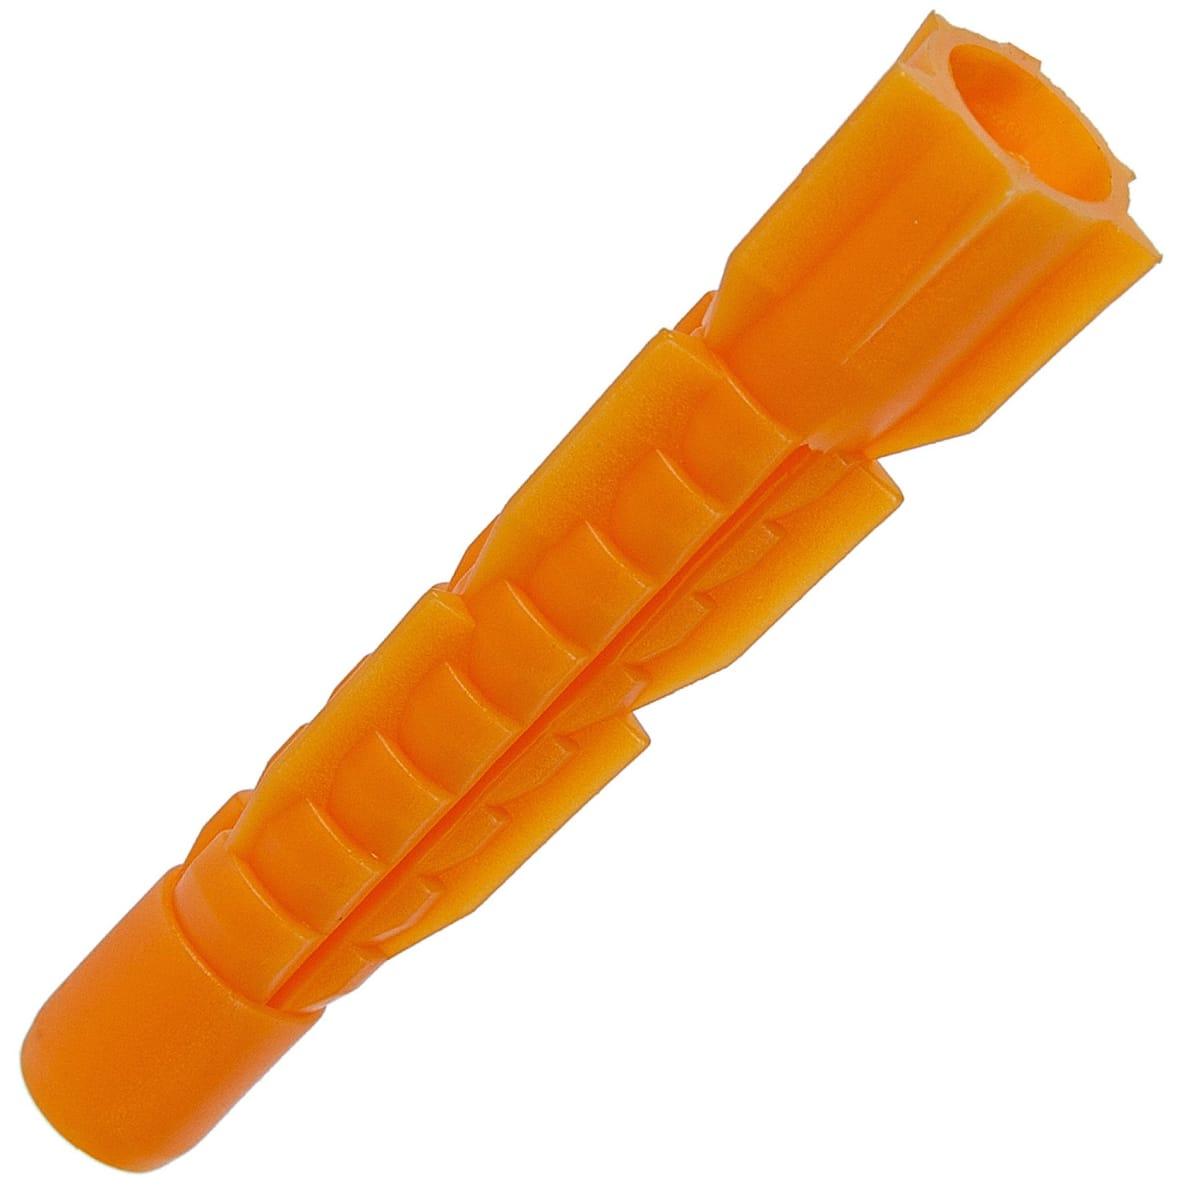 Дюбель универсальный 10х61 мм полипропилен 4 шт.